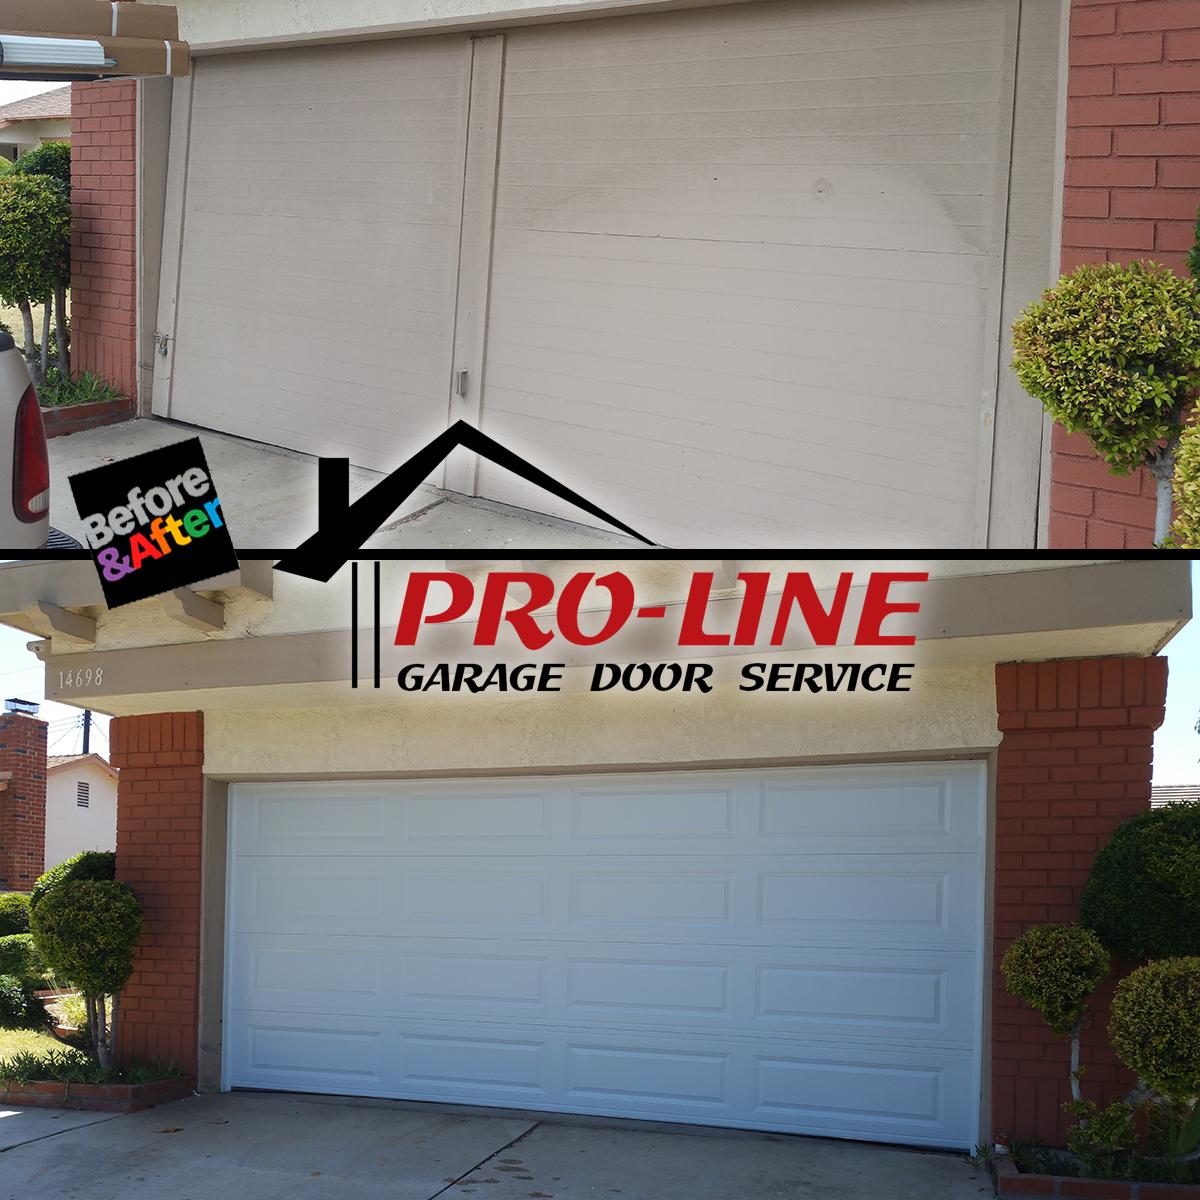 Pro-Line Garage Door Inc. image 4